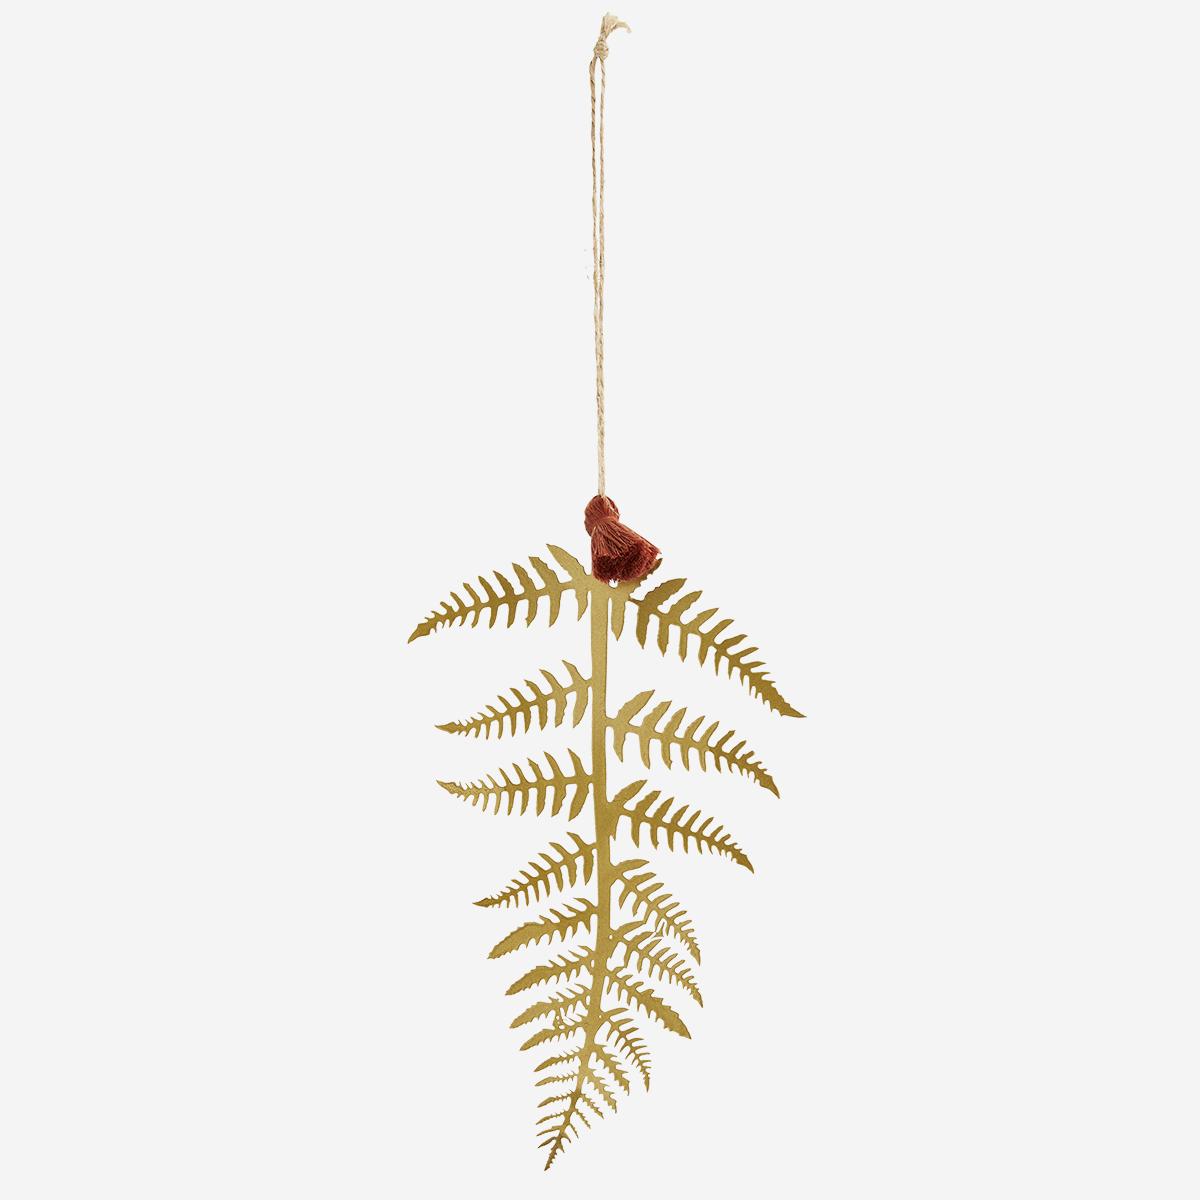 Décoration de Noël - feuille à suspendre en fer doré * Madam Stoltz